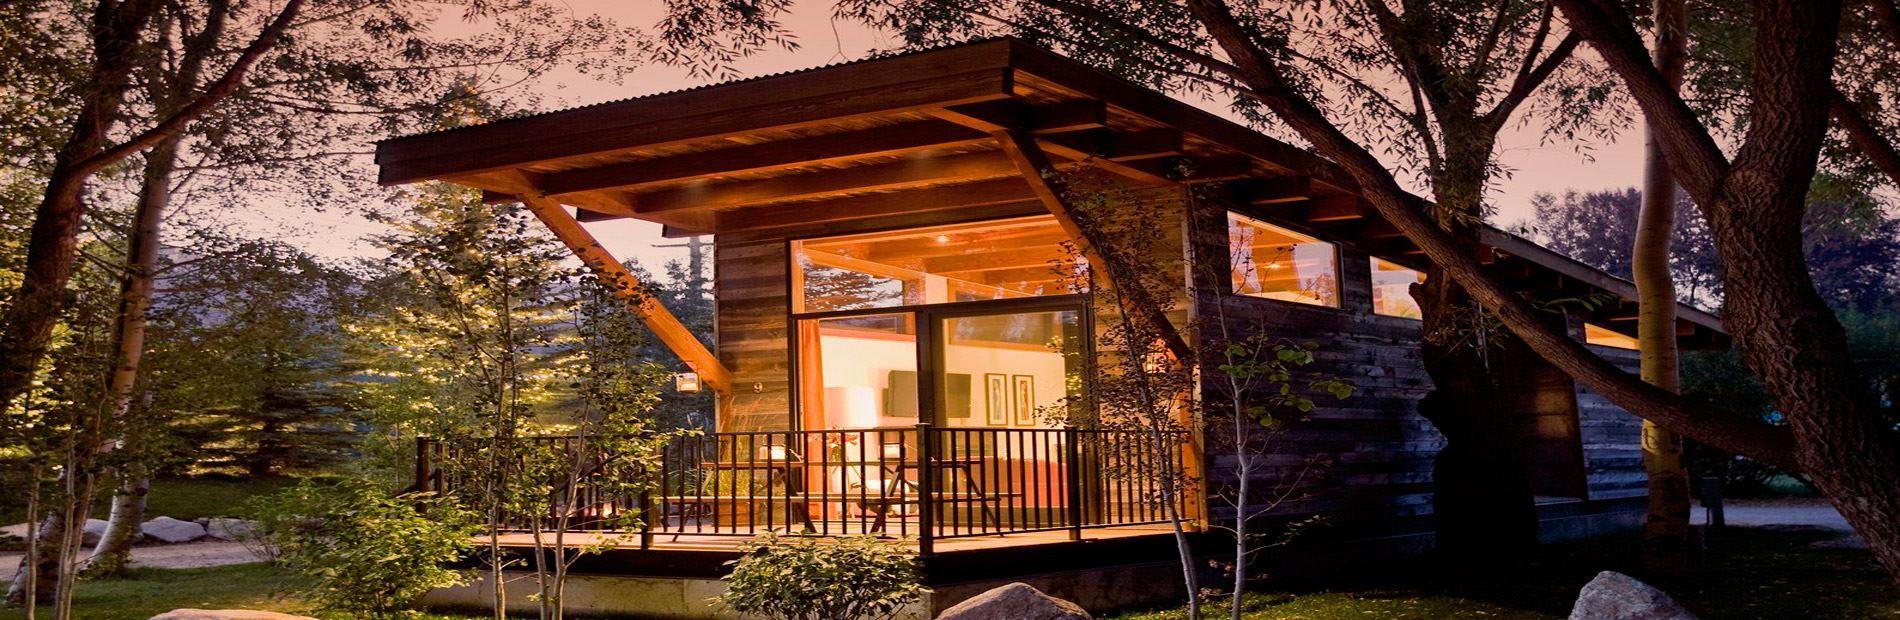 soluciones interiores para mini casas